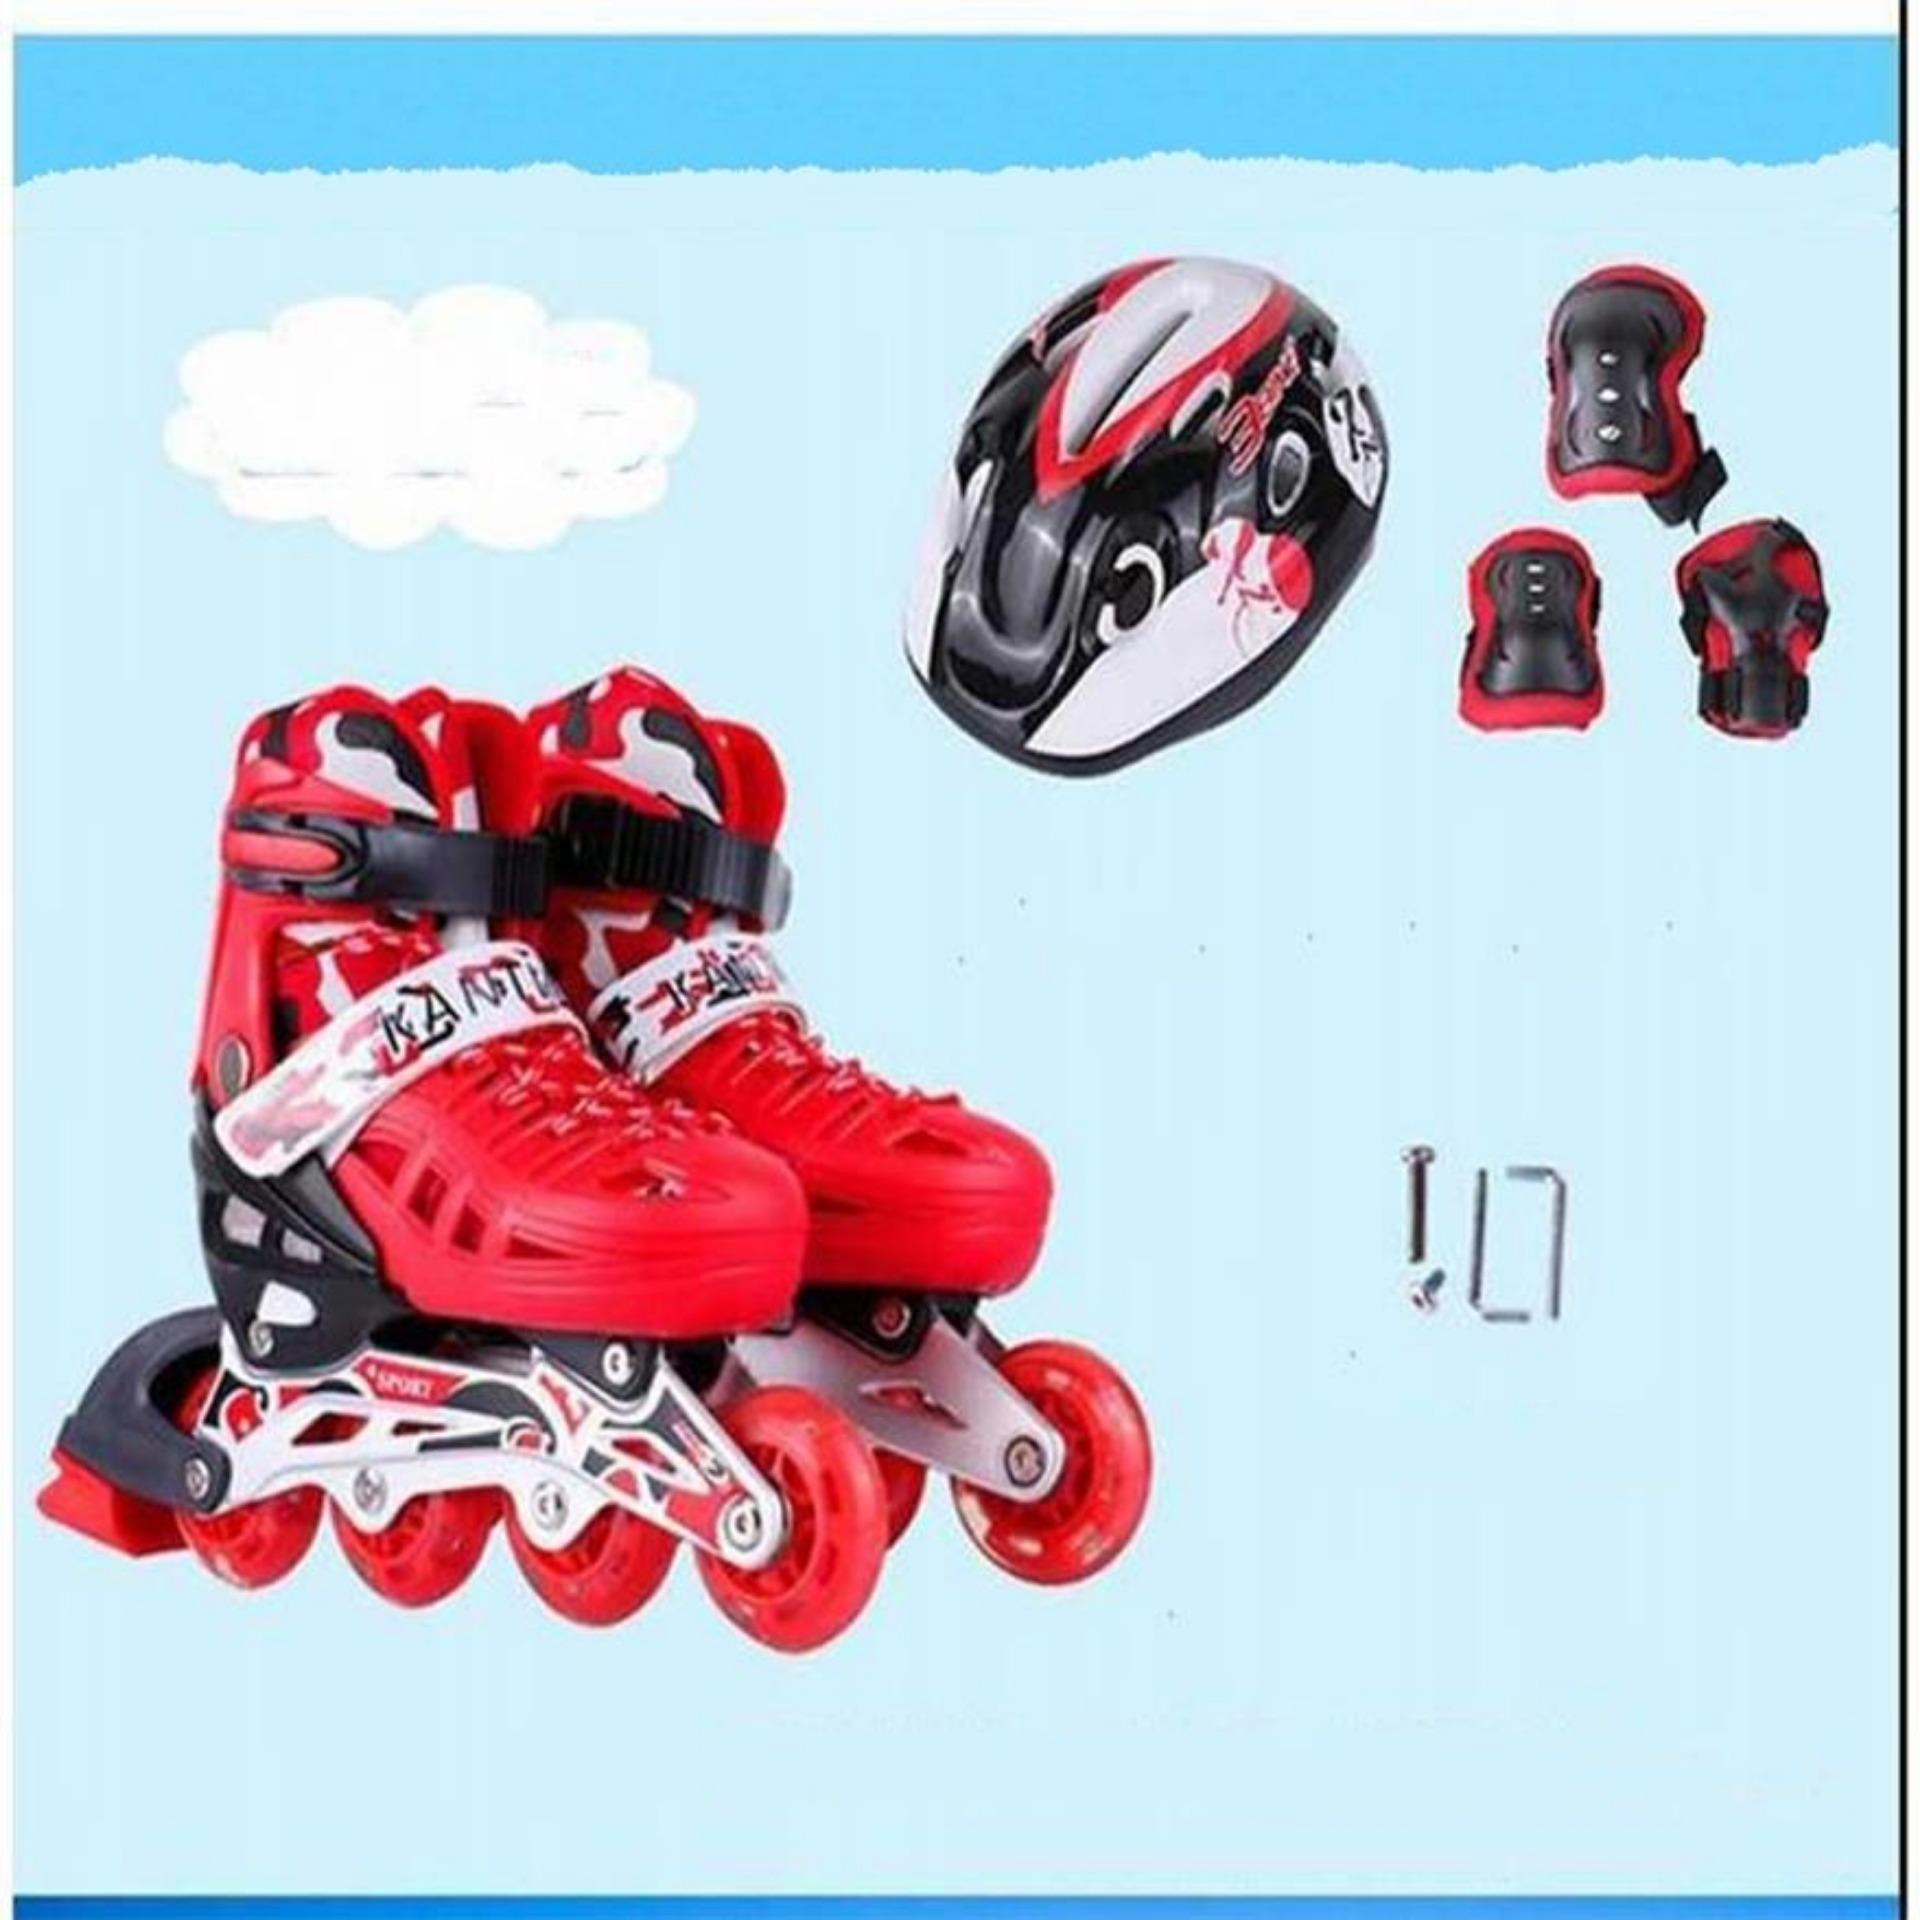 Giày Trẻ Em,Giày Patin,Giày Patin Trẻ Em Tặng Mũ Và Đồ Bảo Hộ,Thiết Kế Ôm Chân, Chắc Chắn, Kiểu Dáng Trẻ Trung Giúp Cho Người Chơi Cảm Giác Đôi Chân Thoải Mái Khi Trượt